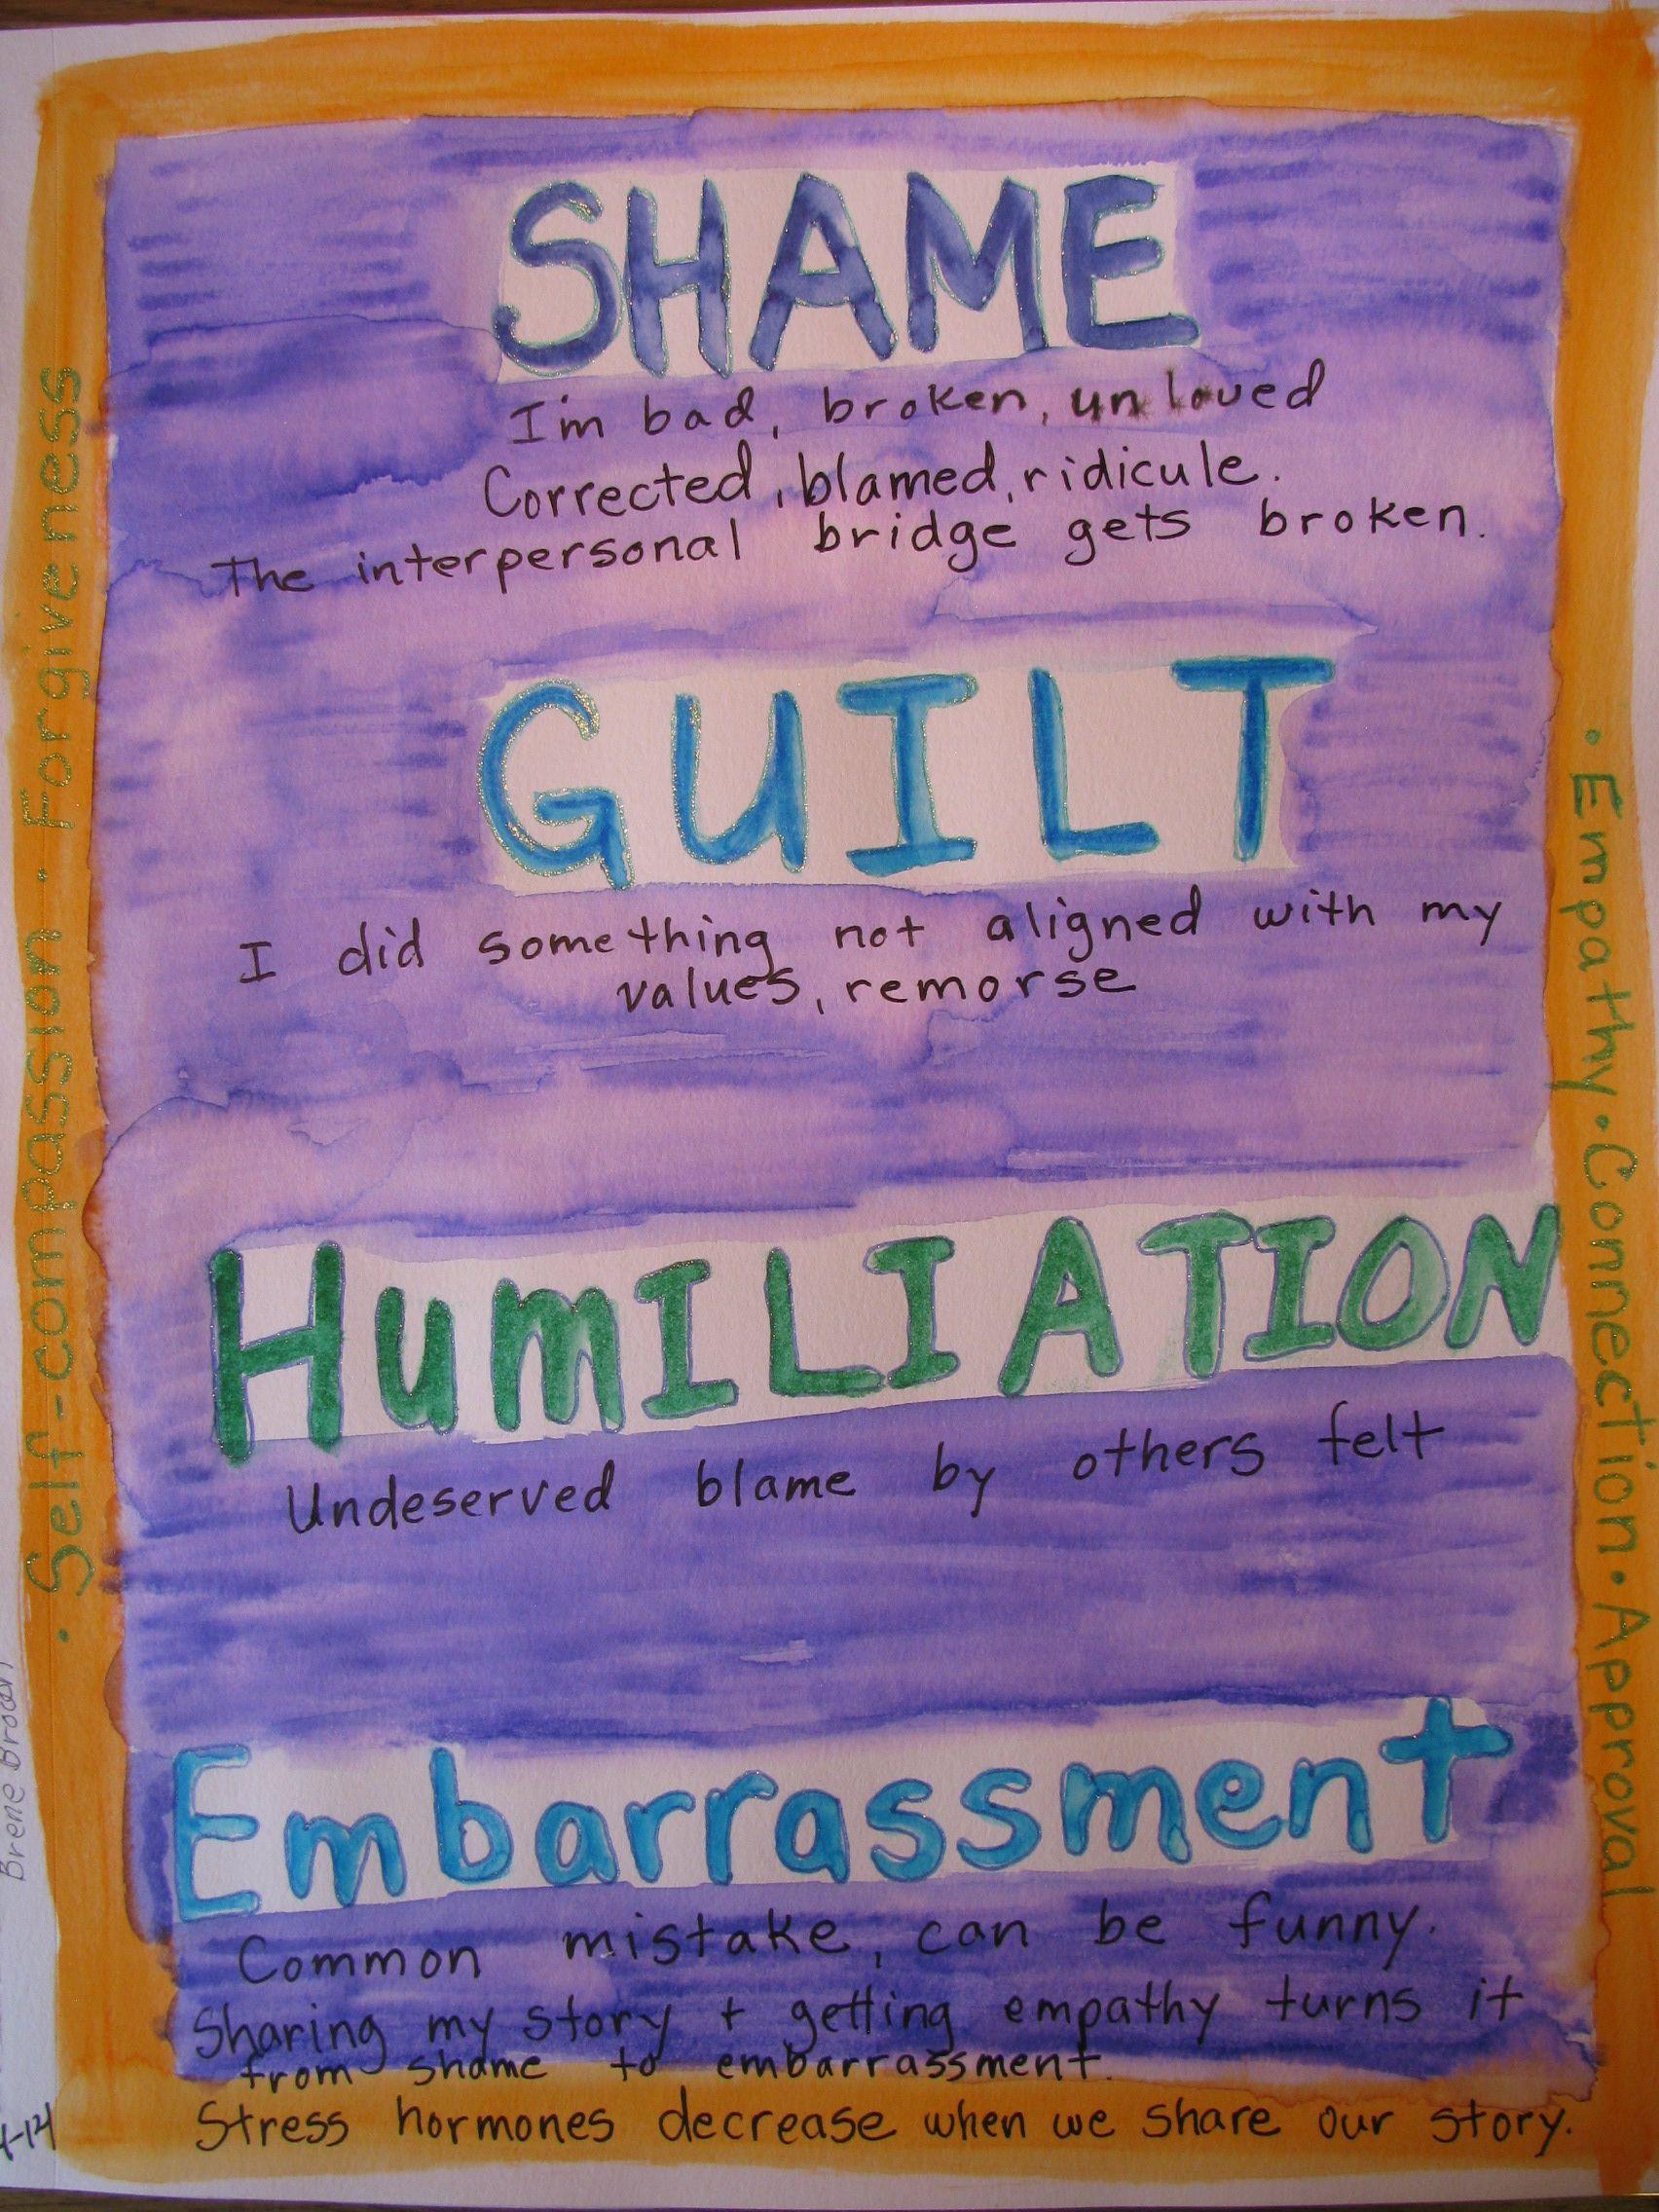 Shame Guilt Humiliation Embarrassment